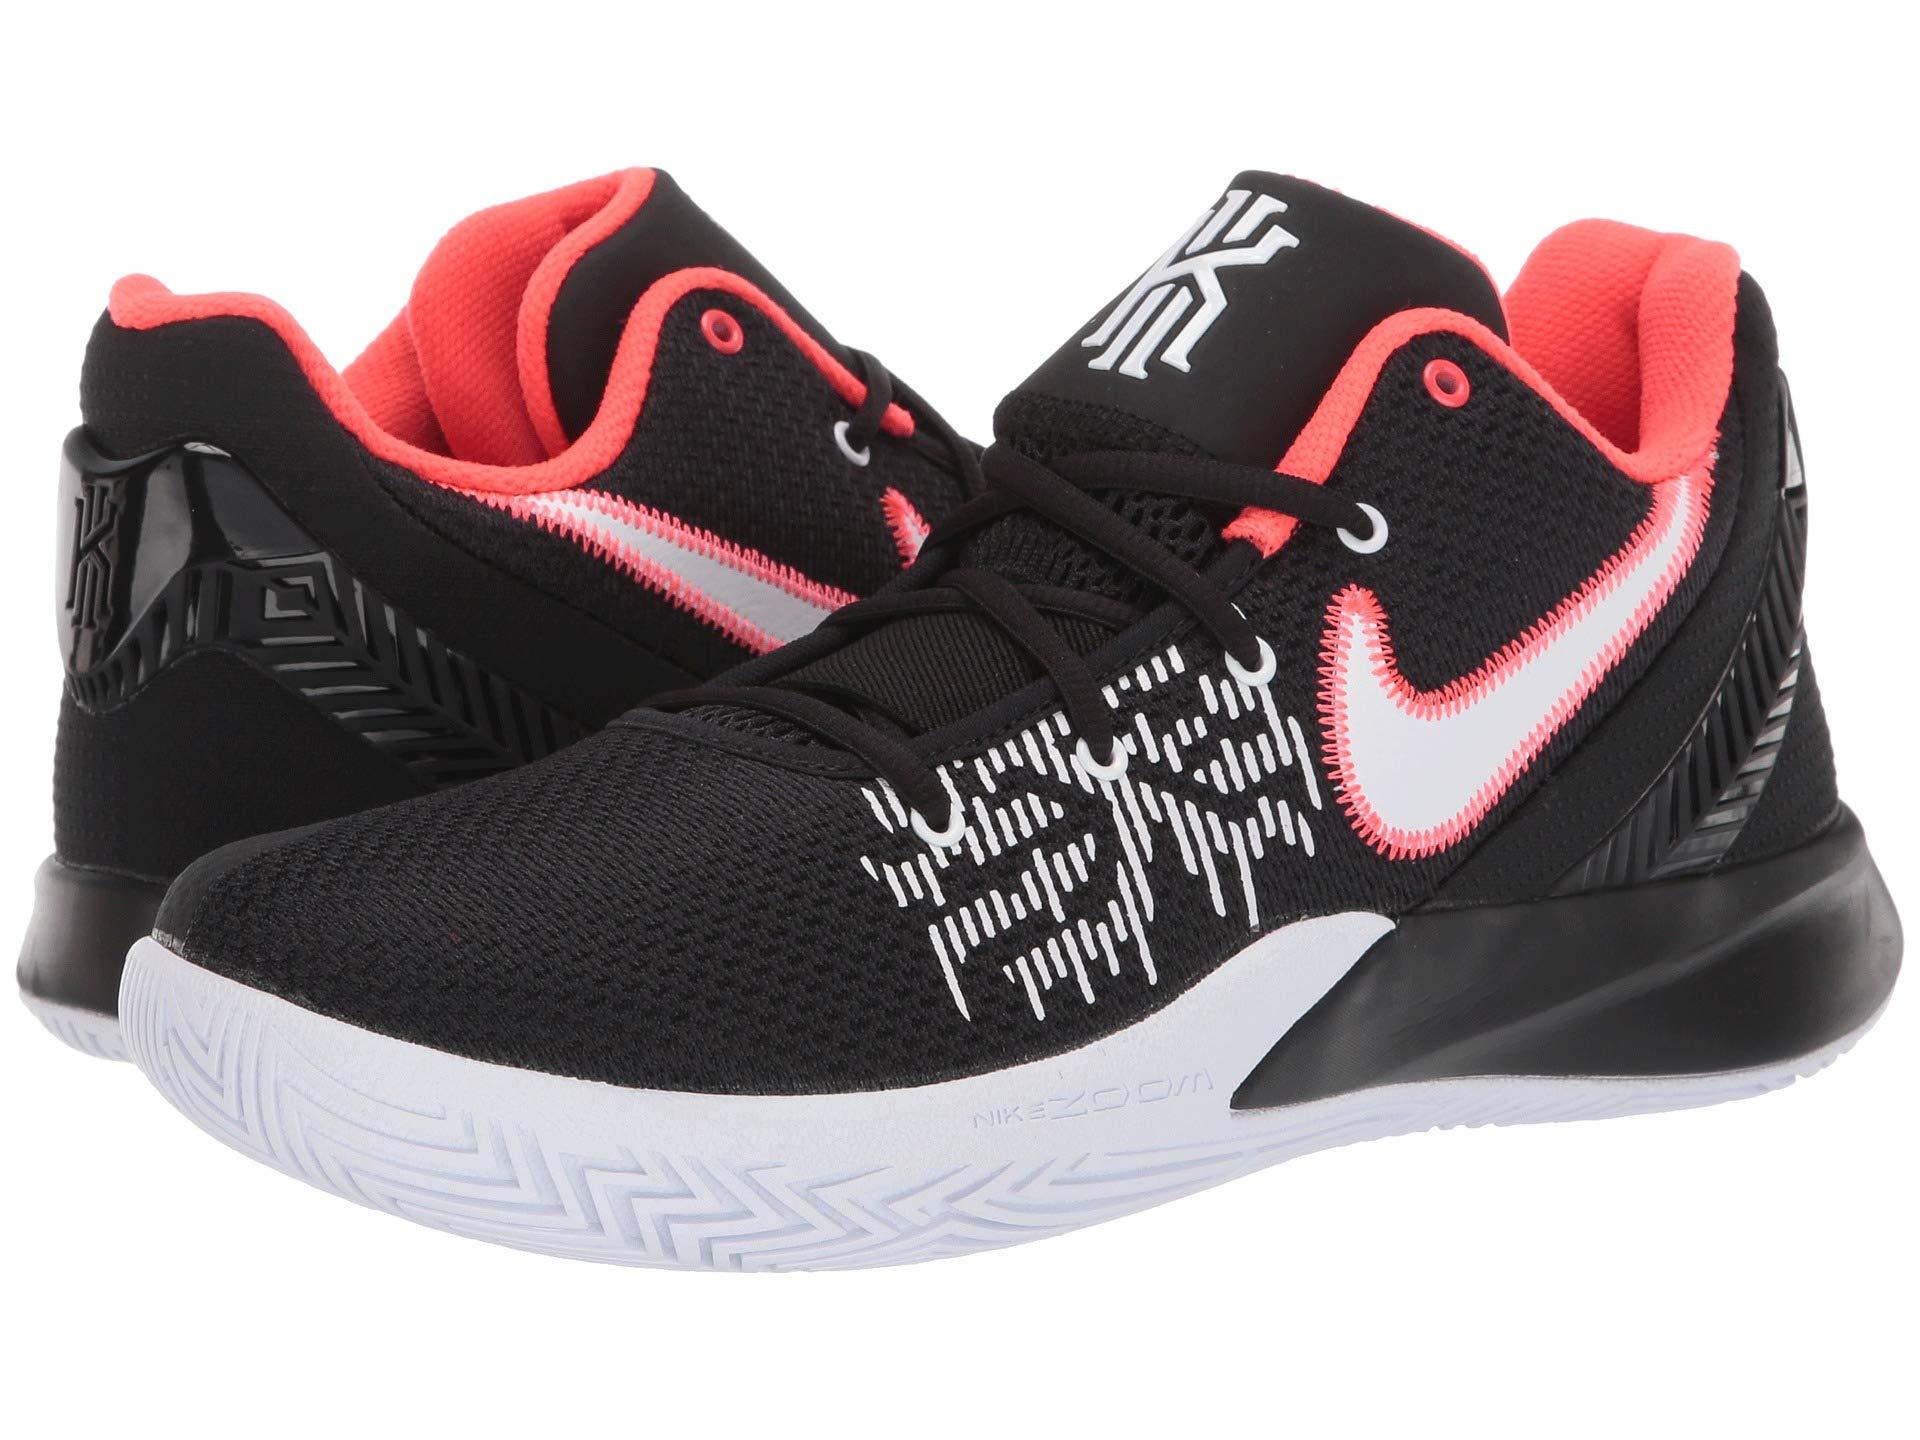 Nike Nike Kyrie Flytrap II